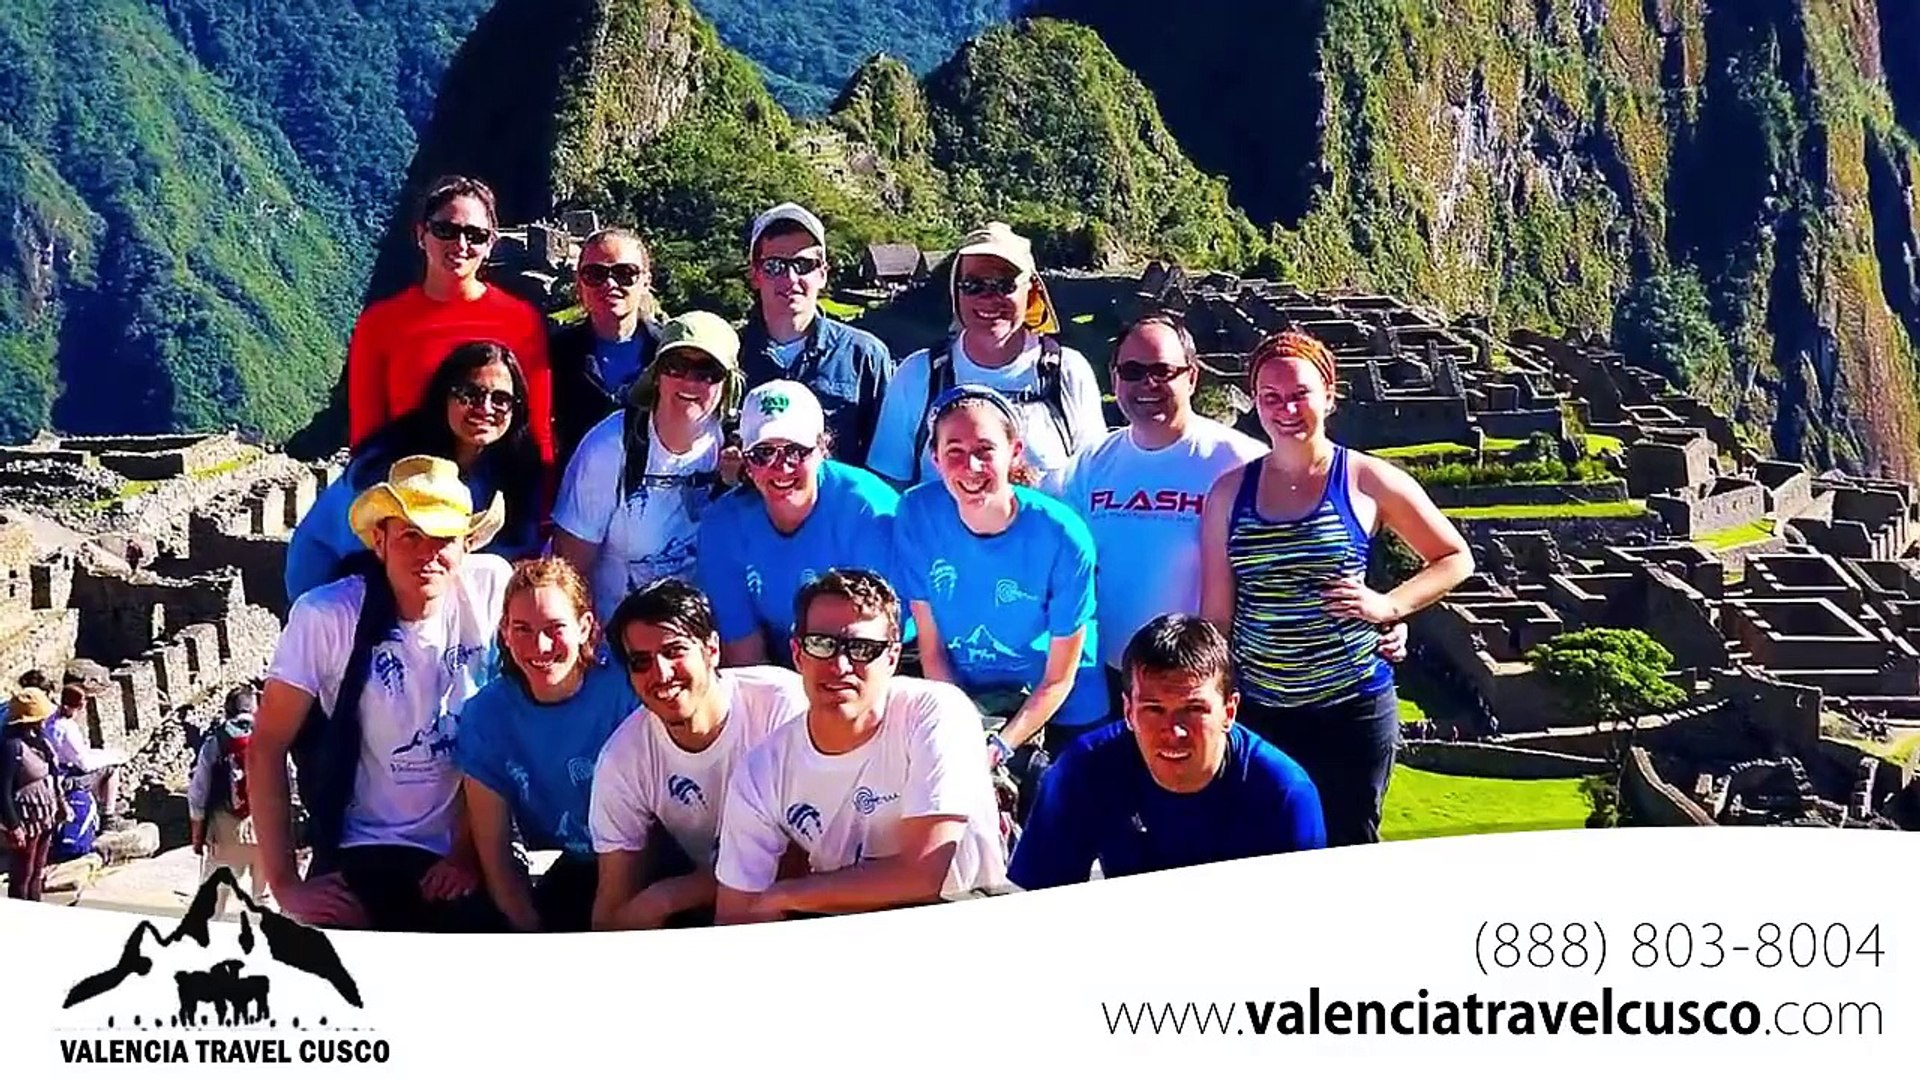 Valencia Travel Cusco   Travel Agents